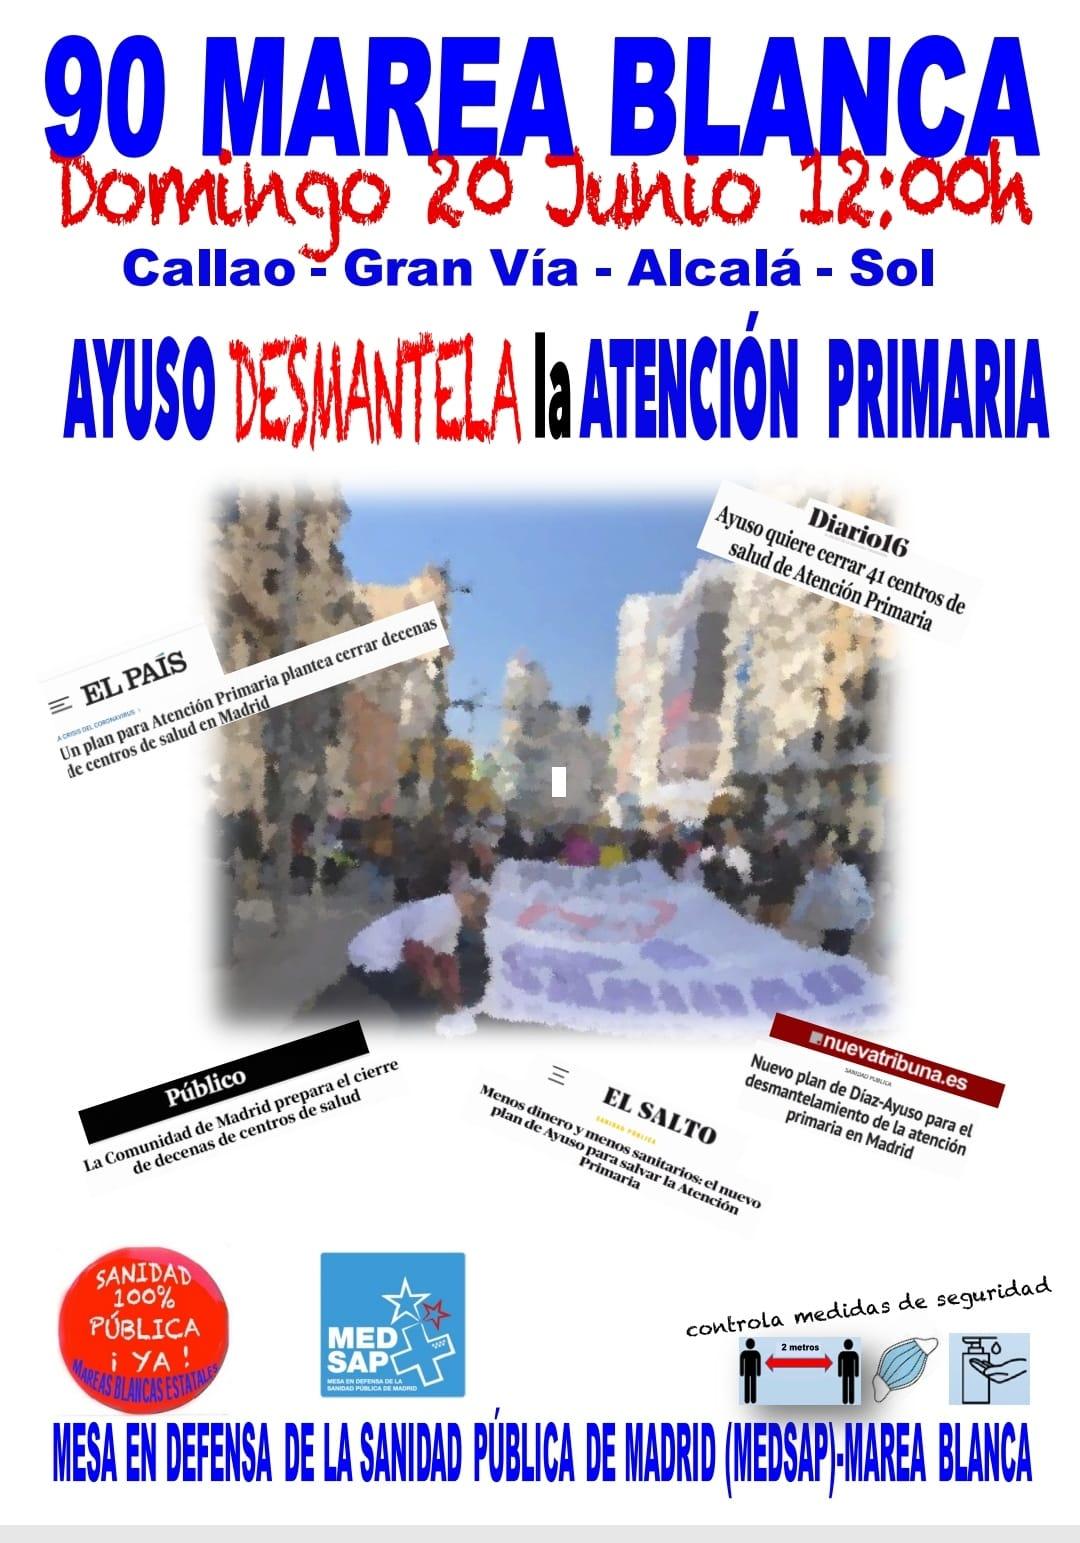 MANIFESTACIÓN EN DEFENSA DE LA ATENCIÓN PRIMARIA Y CONTRA EL CIERRE DE LOS CENTROS DE SALUD.